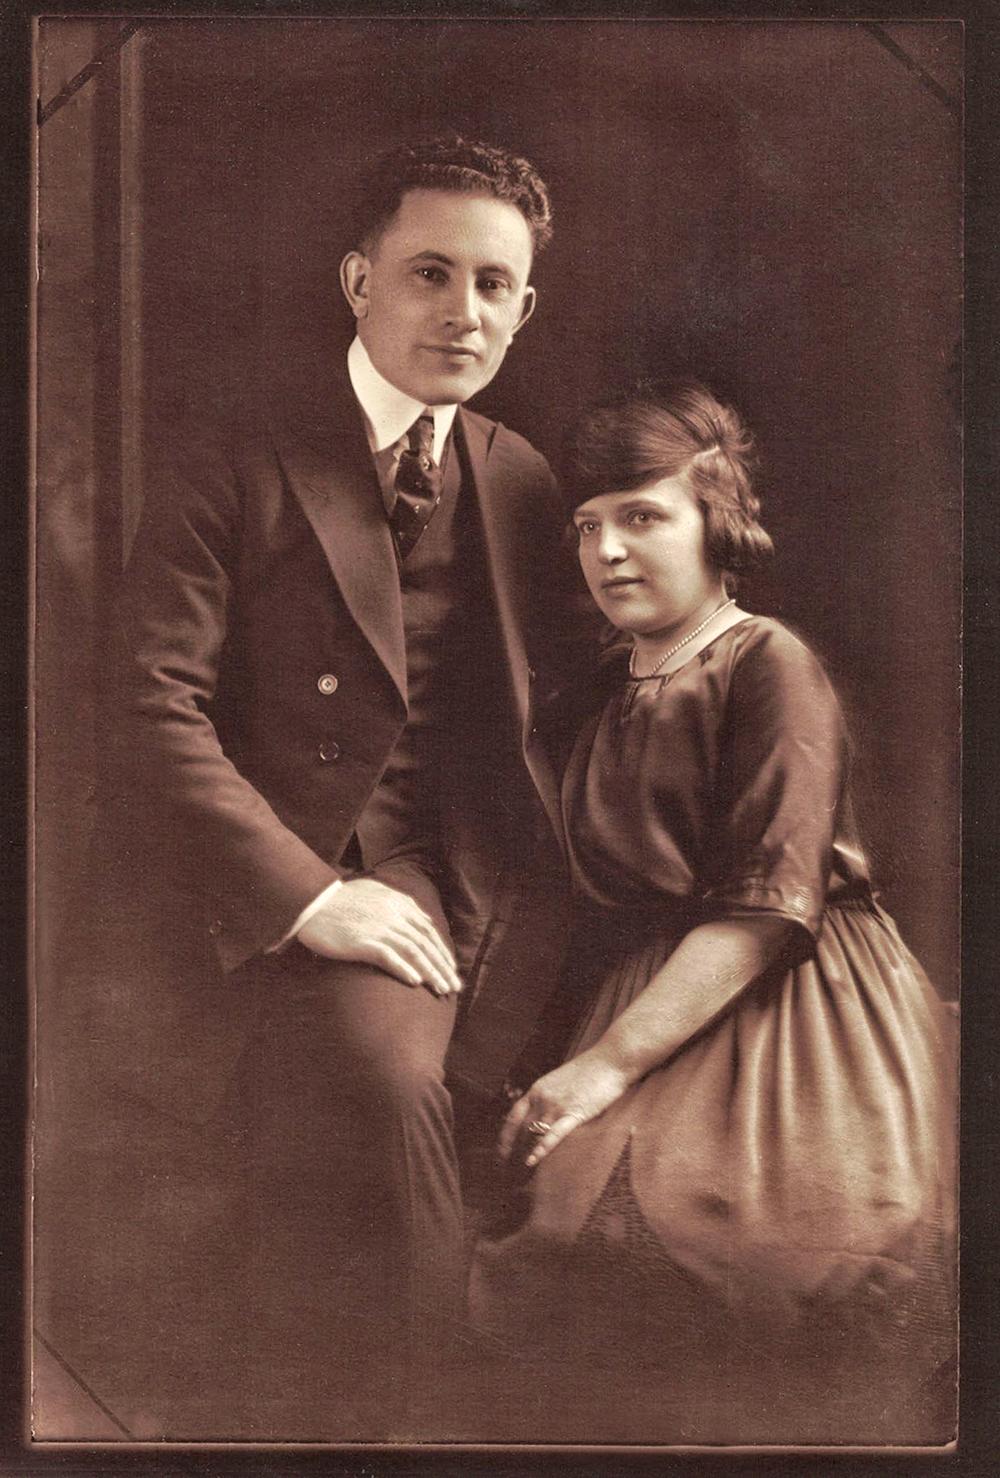 Celia Lazarus Guberman and Leo Guberman